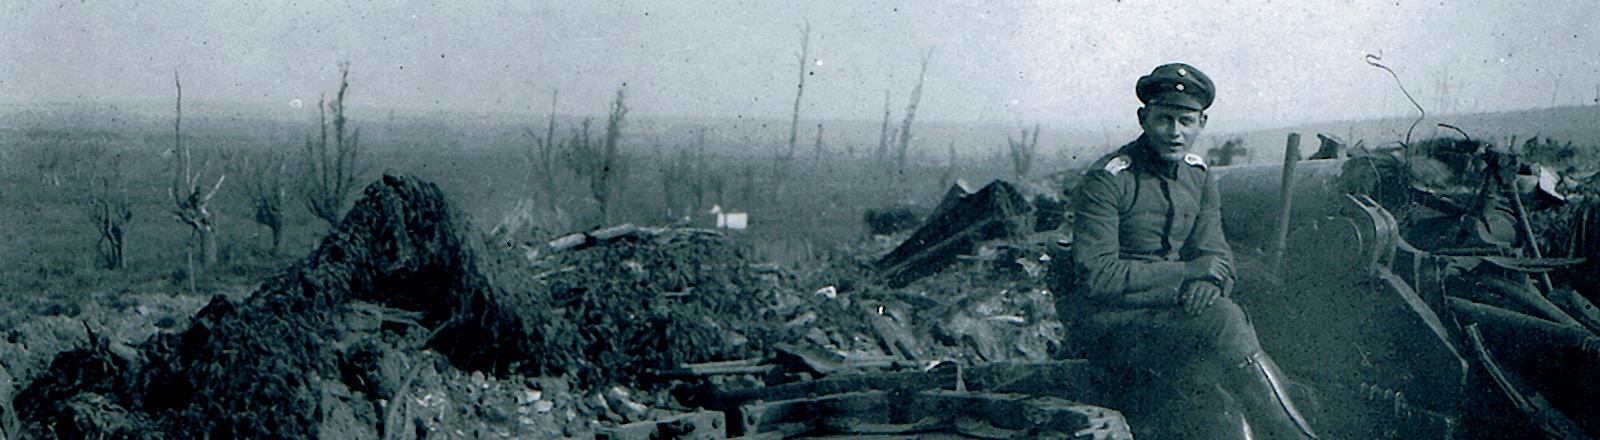 Ein Soldat sitzt in Trümmern des ersten Weltkriegs.